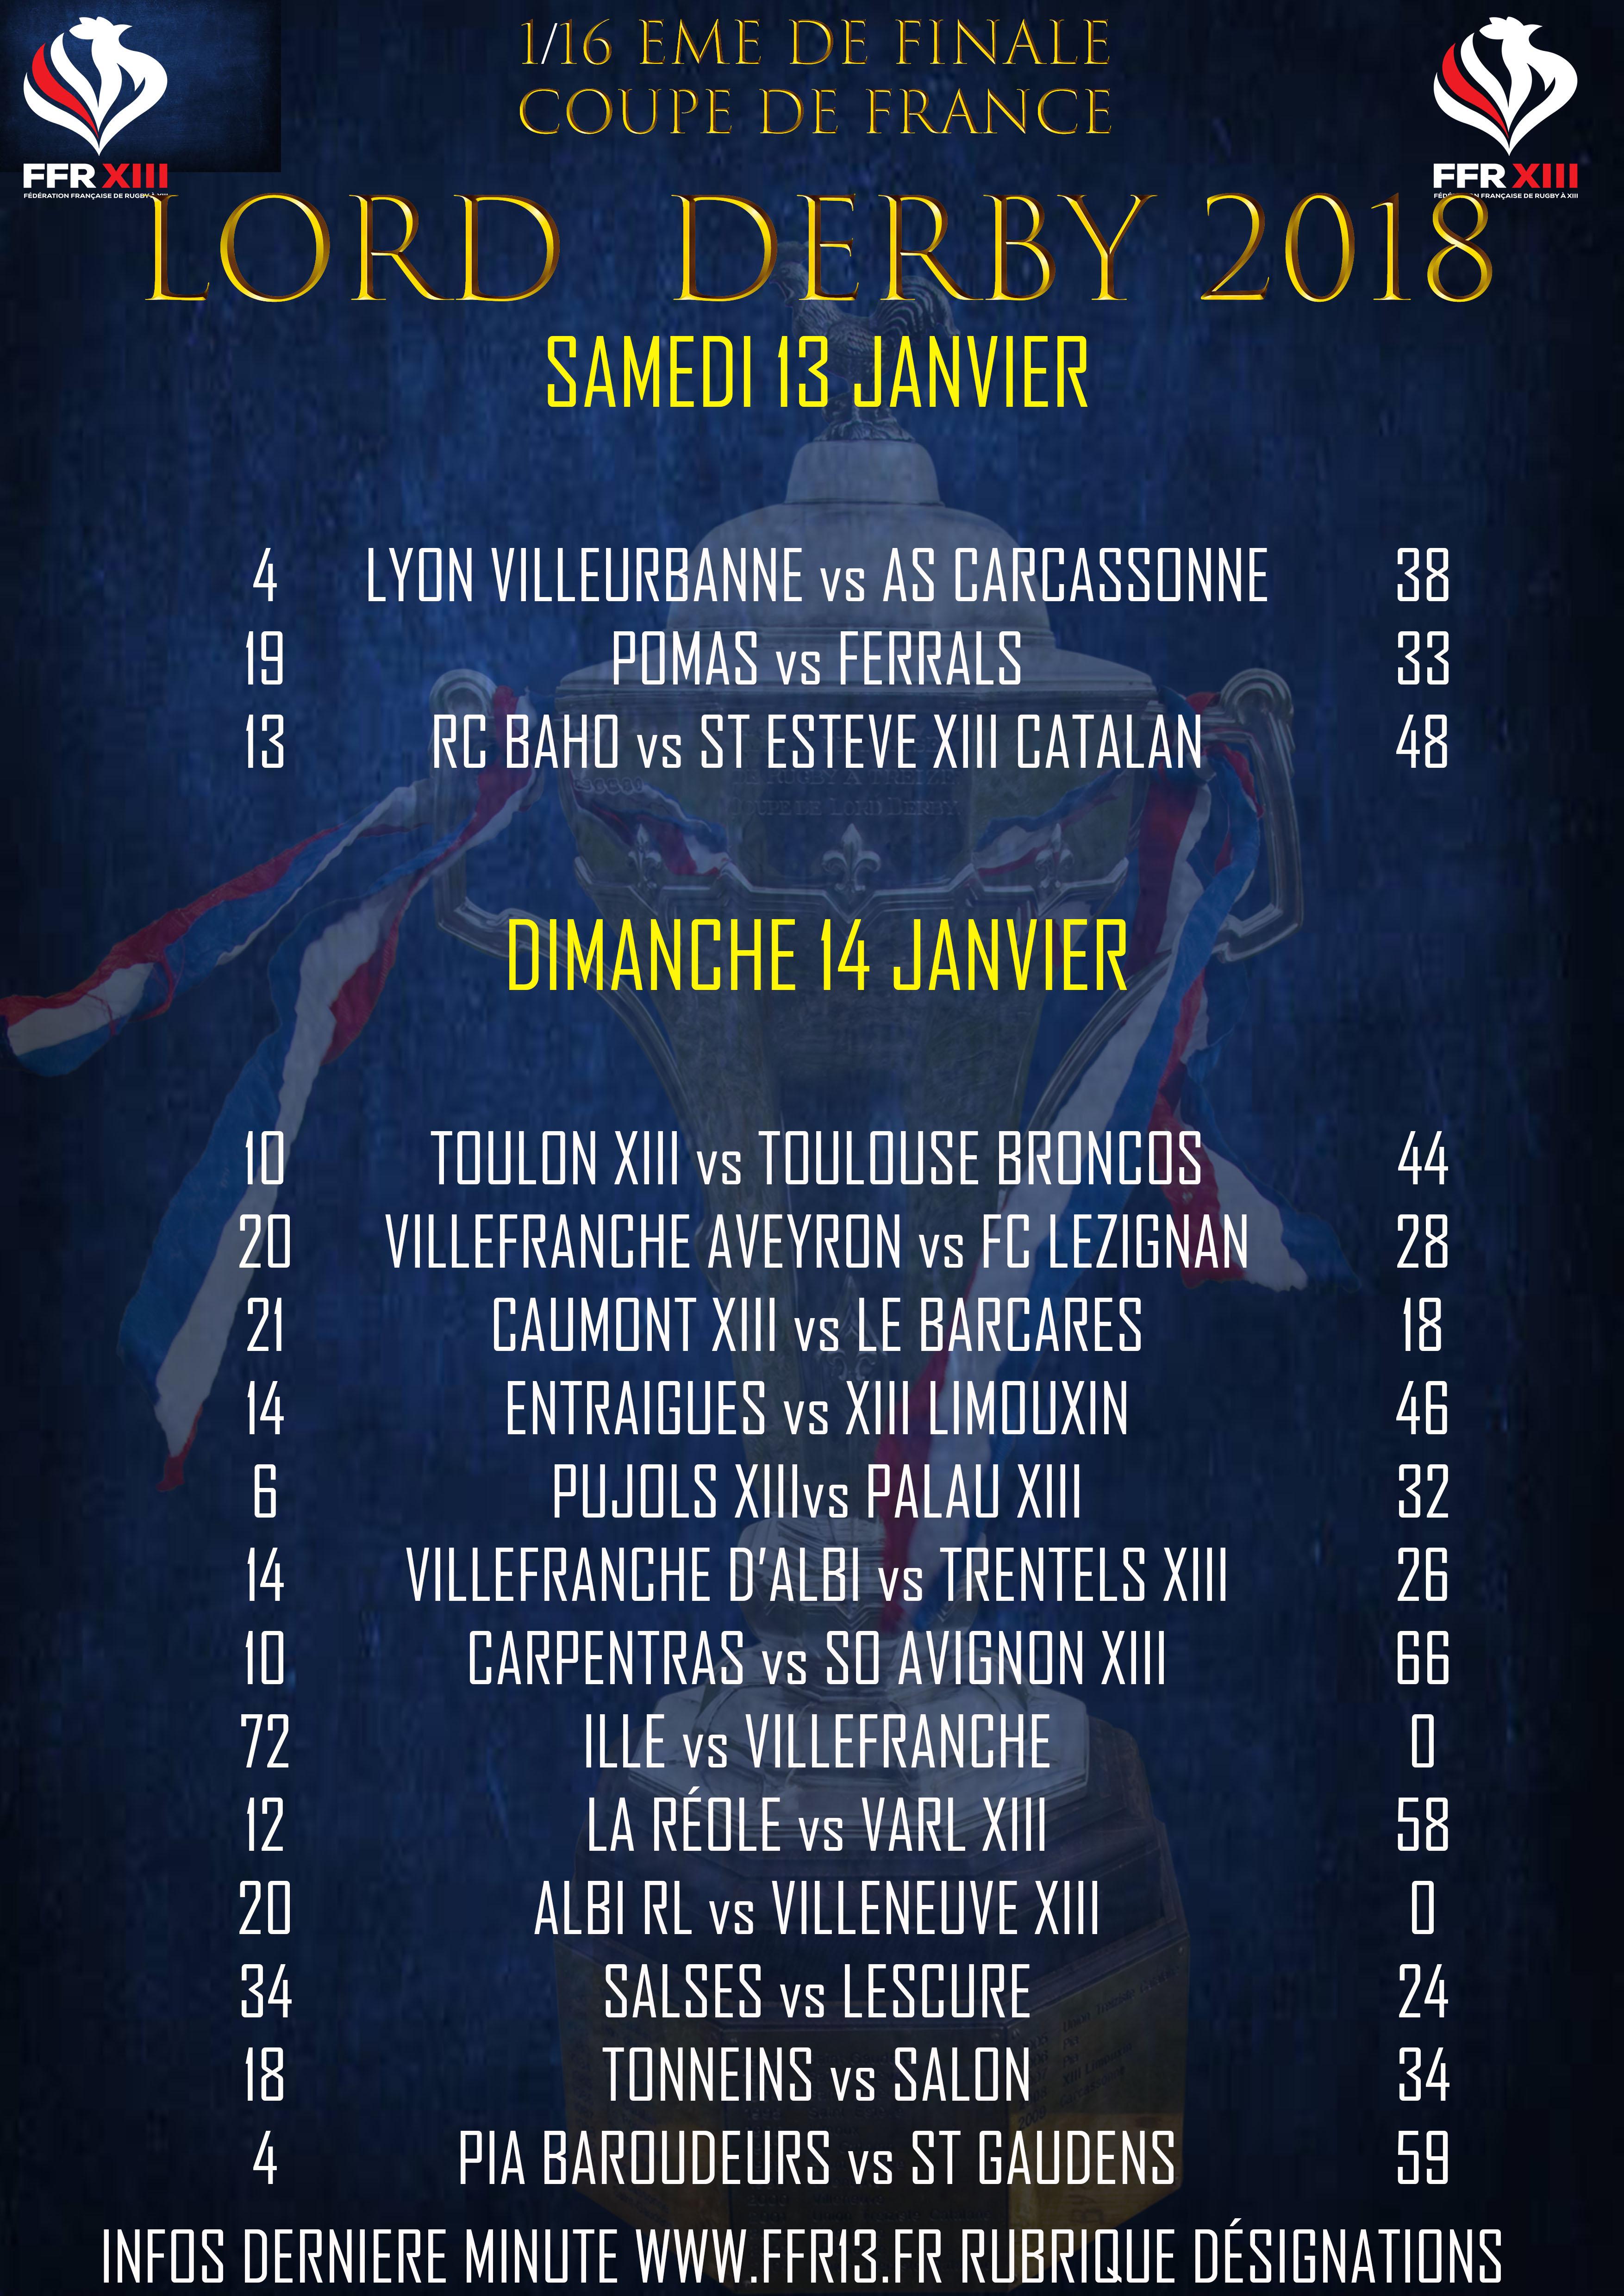 R sultats 1 16 me de finale coupe de france lord derby - Resultat 16eme de finale coupe de la ligue ...